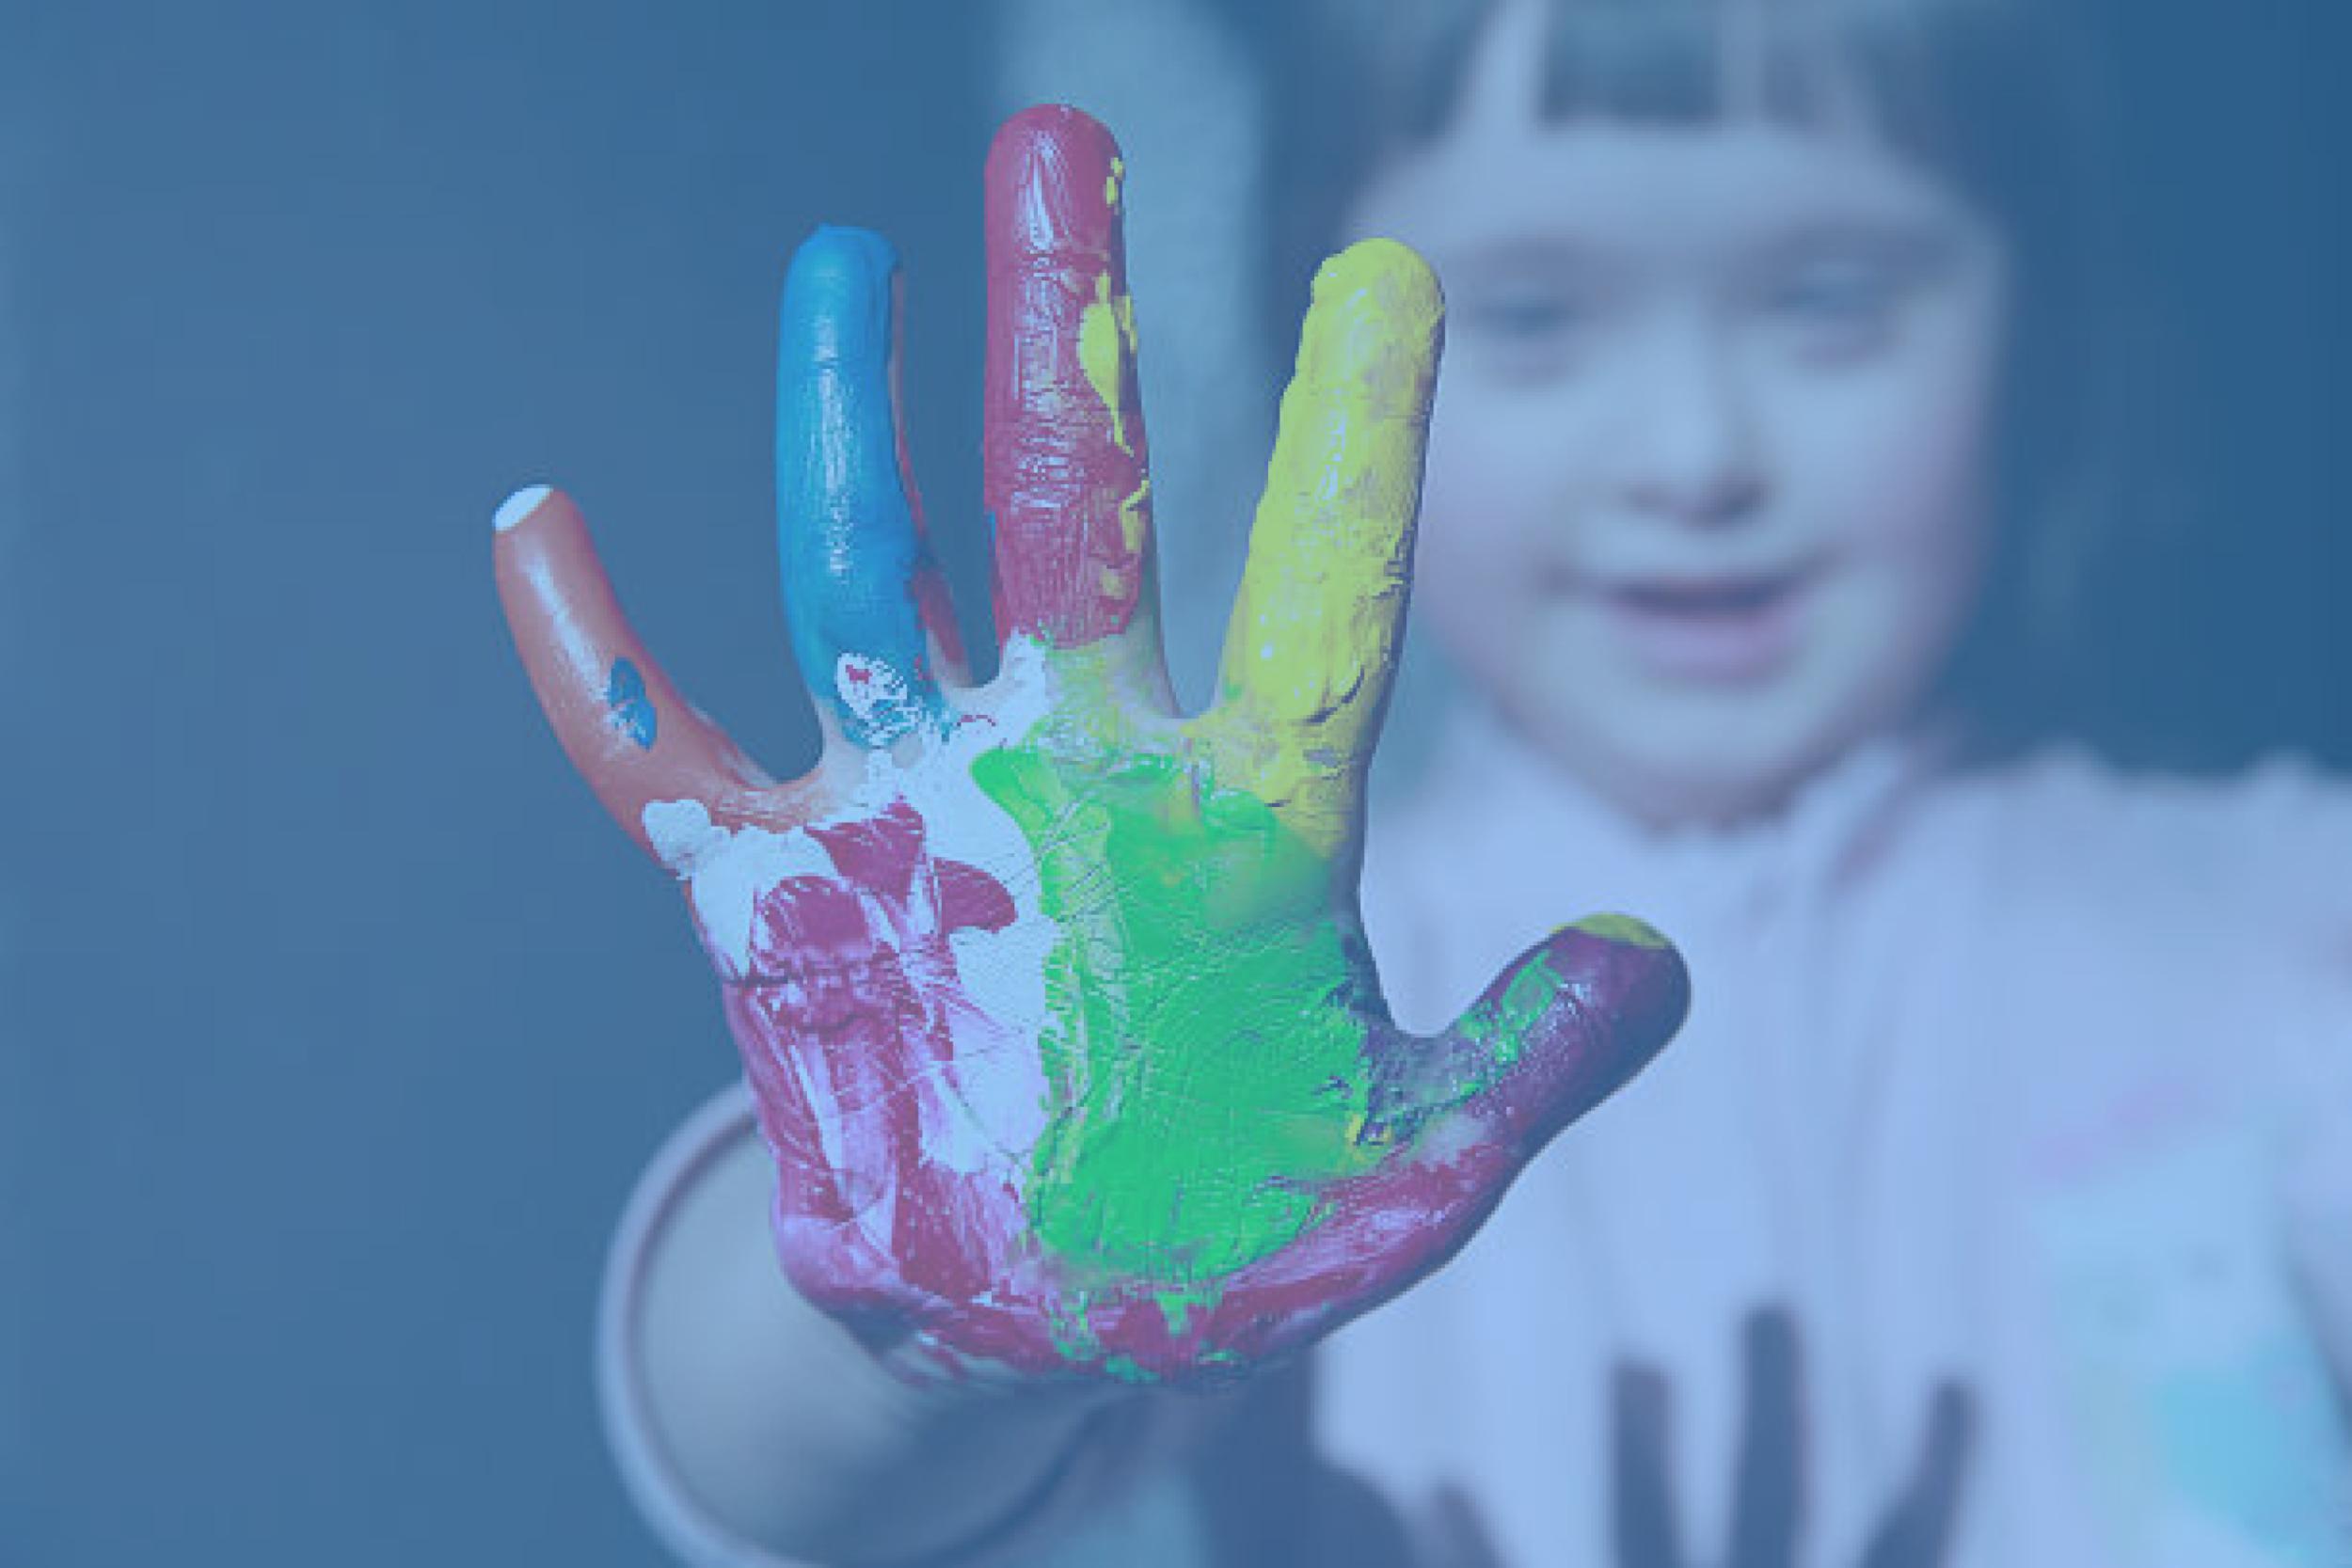 Metodología Kallpa - Para nuestros estudiantes, hemos creado un sistema de aprendizaje que integra los beneficios de las terapias individuales con los alcances de la educación especial; para que de manera distinguida logren alcanzar su autonomía y generen un bienestar conjunto en su familia.